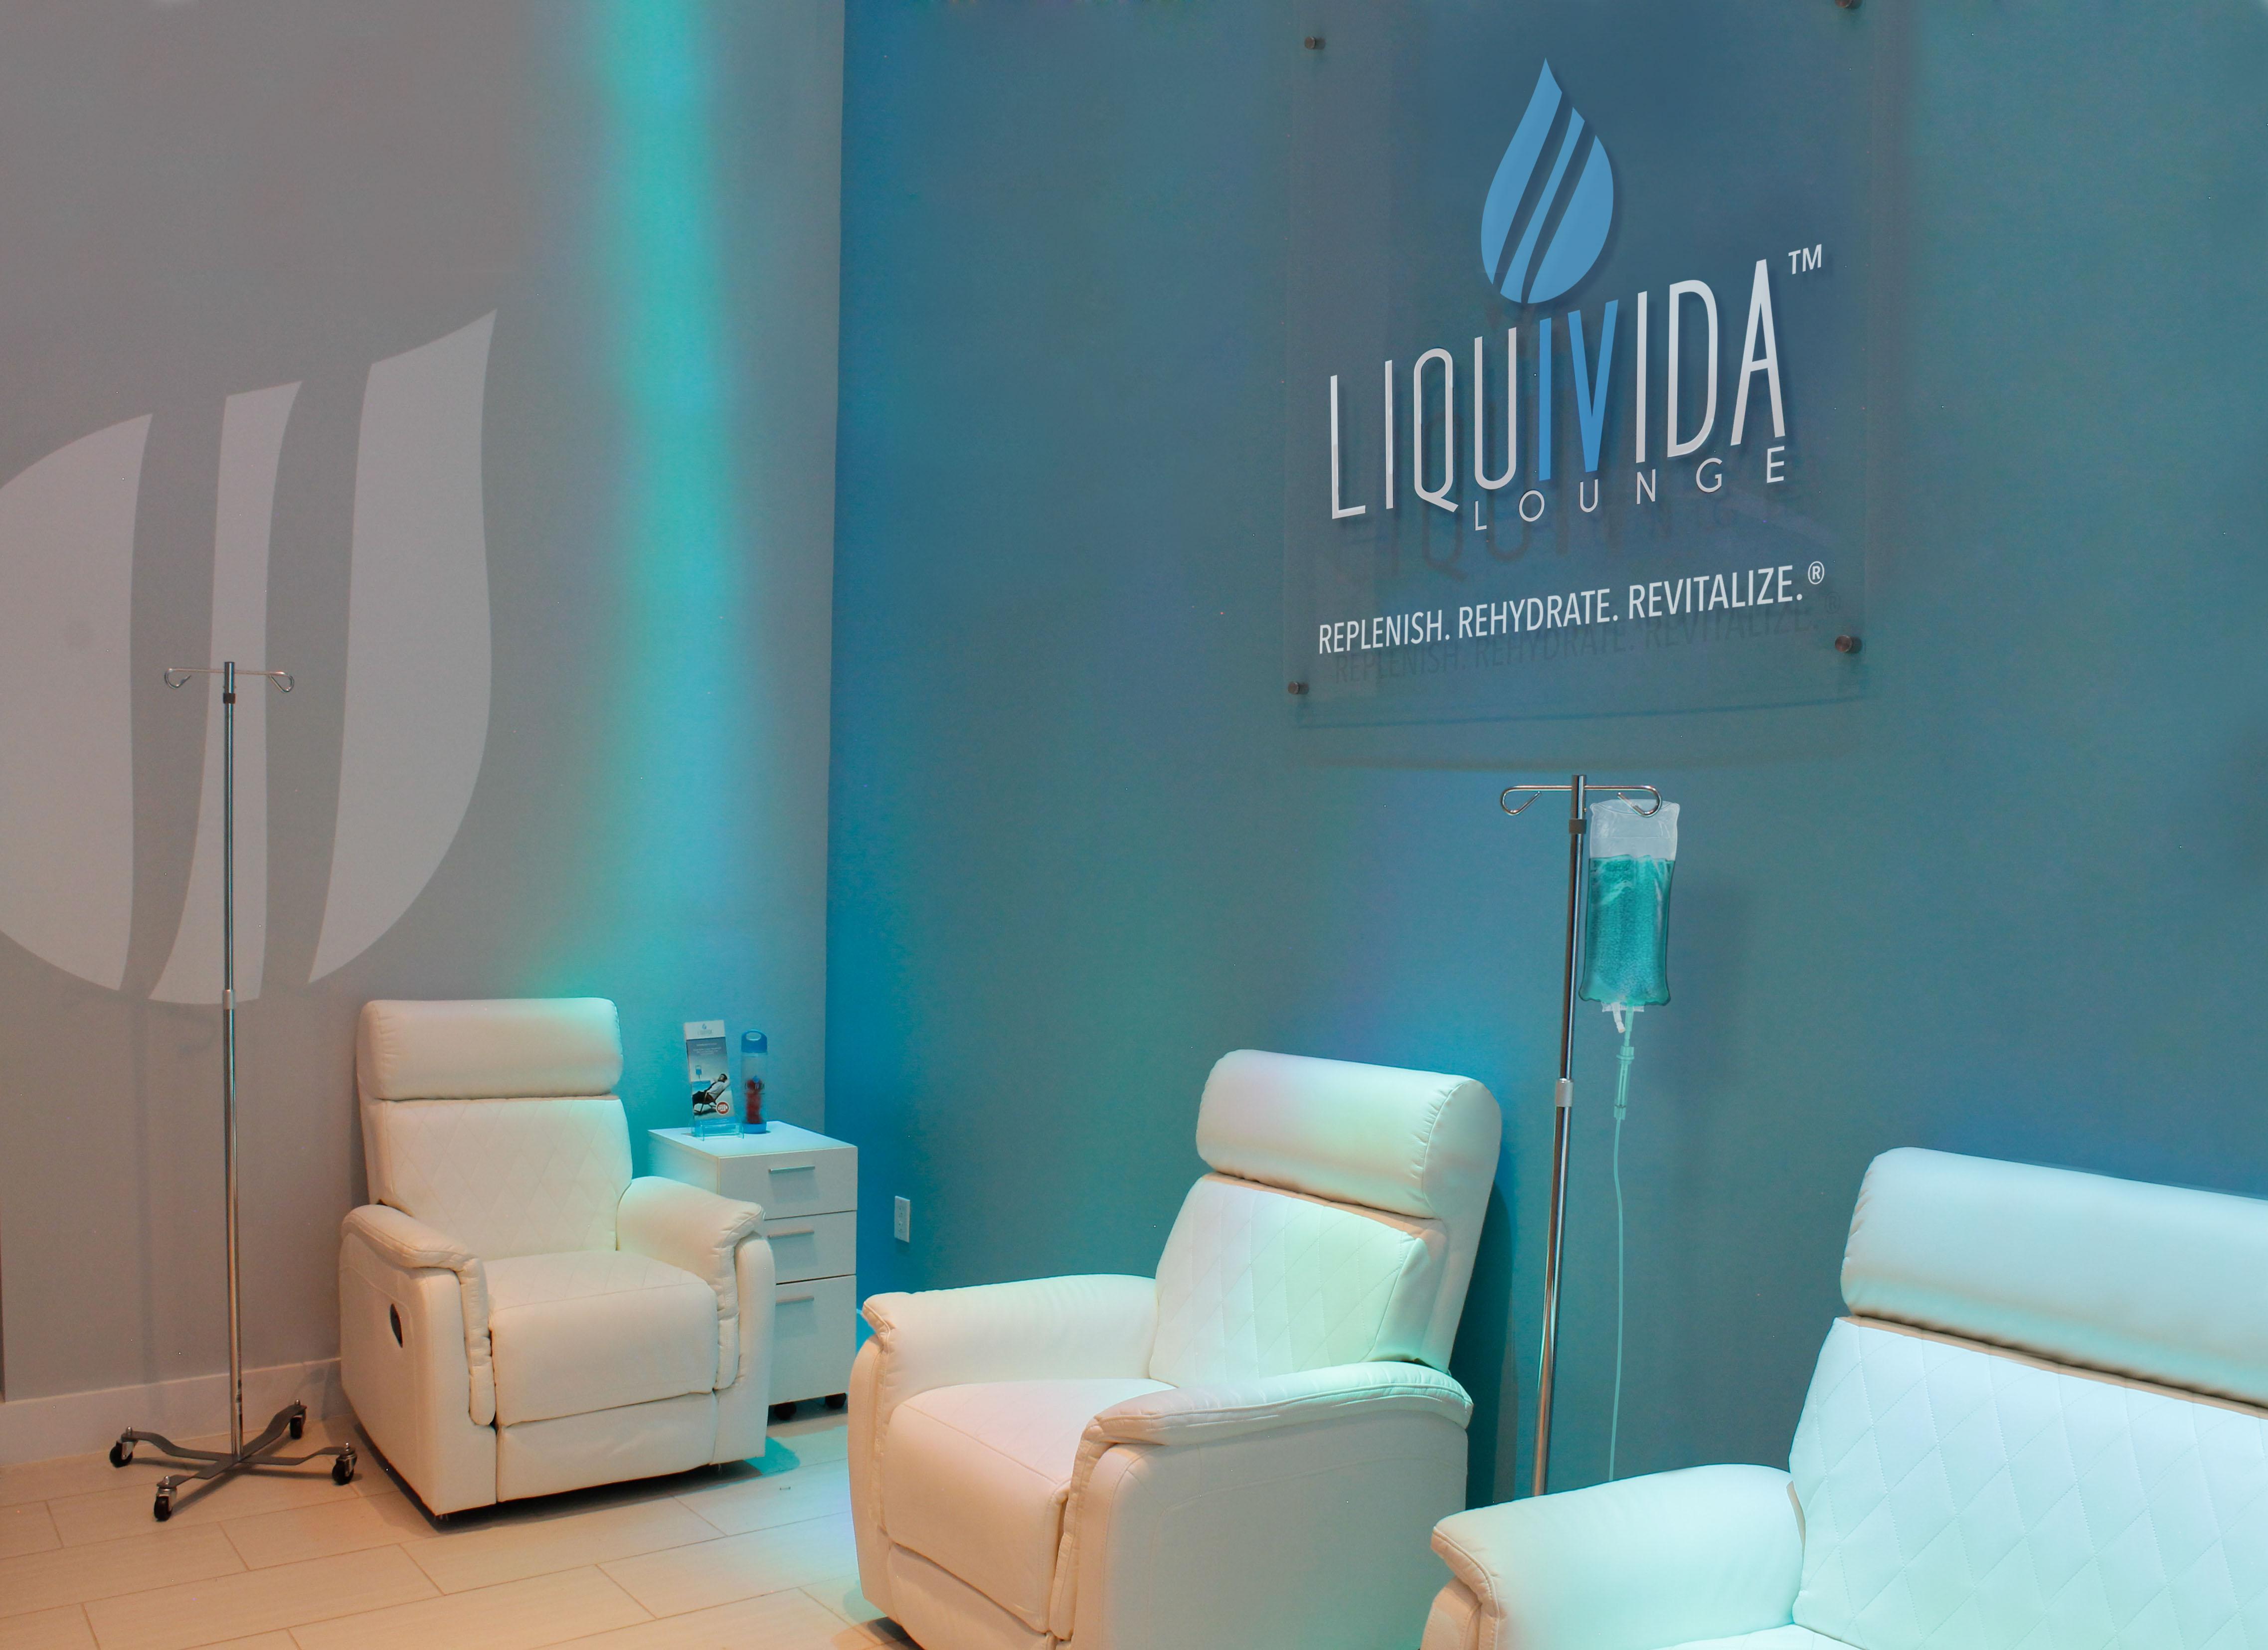 Liquivida Live Renew5.jpg